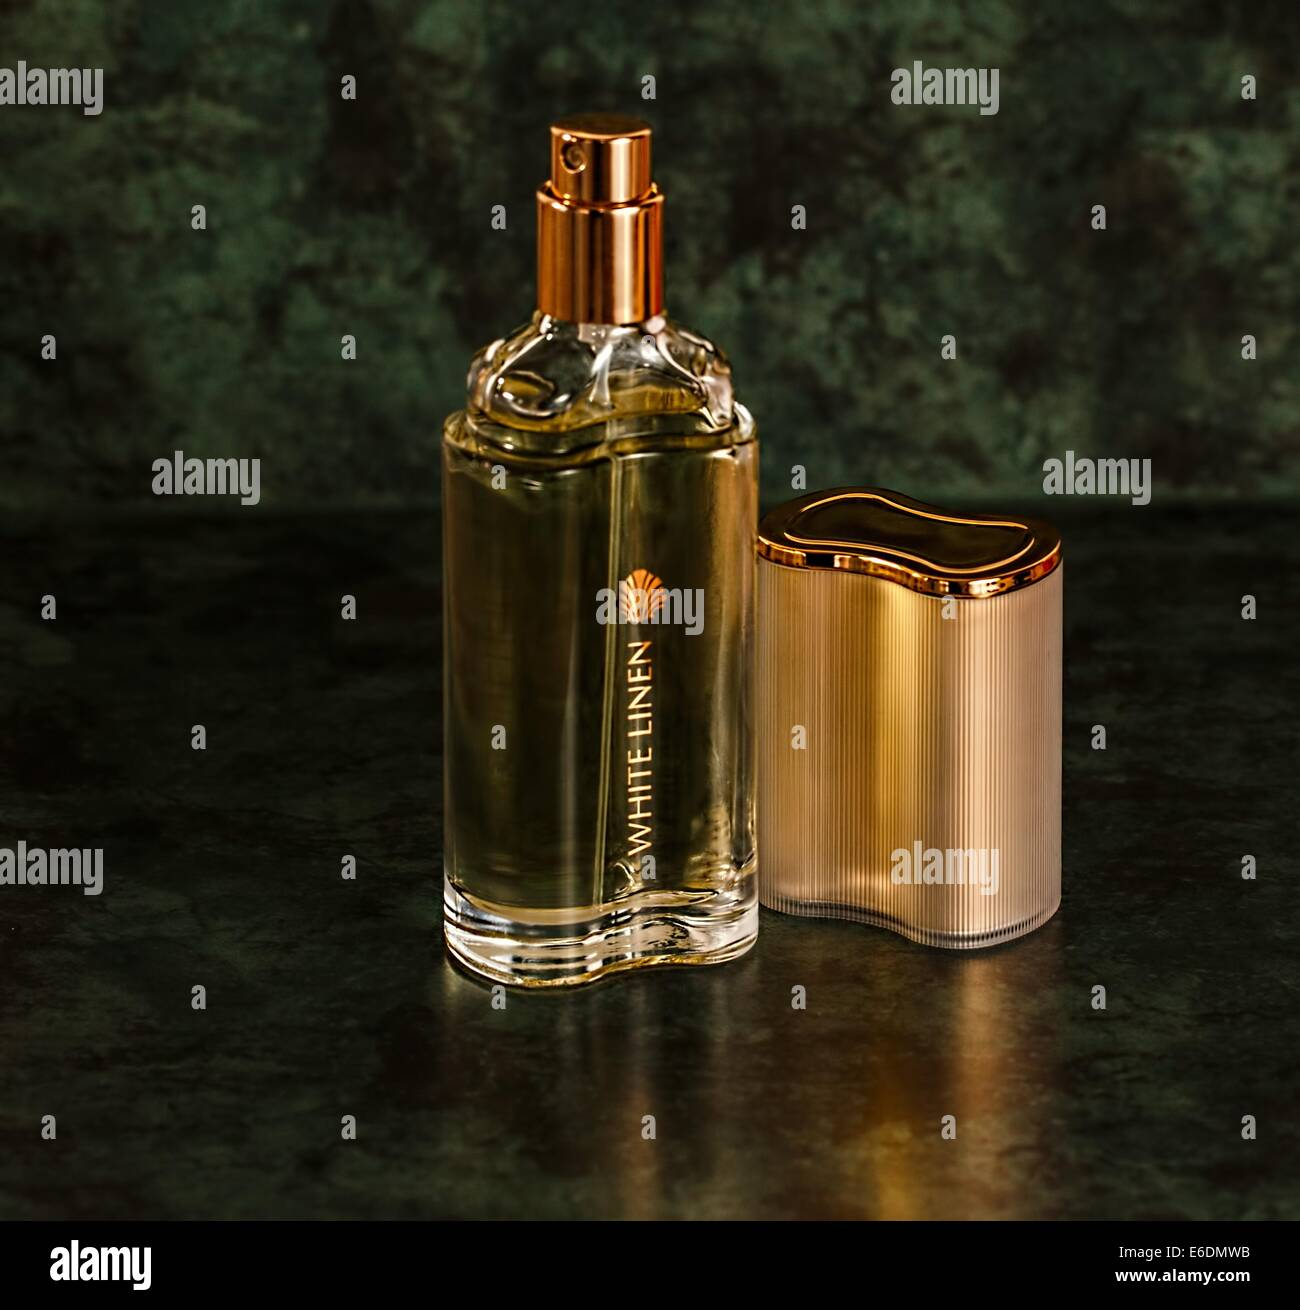 Parfüm Duft Körper Spray Kosmetik Duft Stockbild